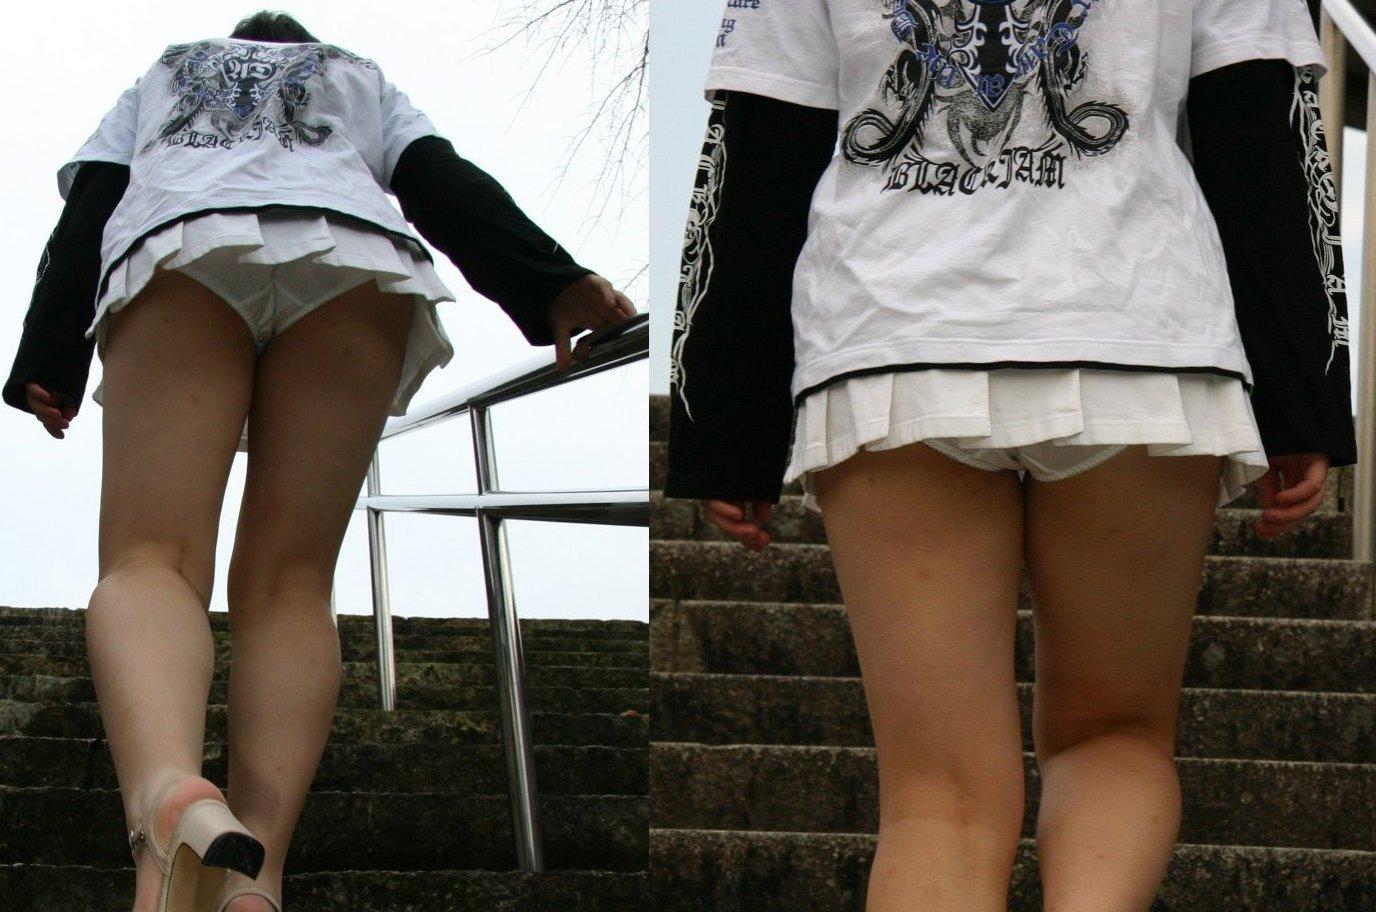 【パンチラエロ画像】やはり階段下は鉄板!斜め下から覗いておパンツ激写www 01